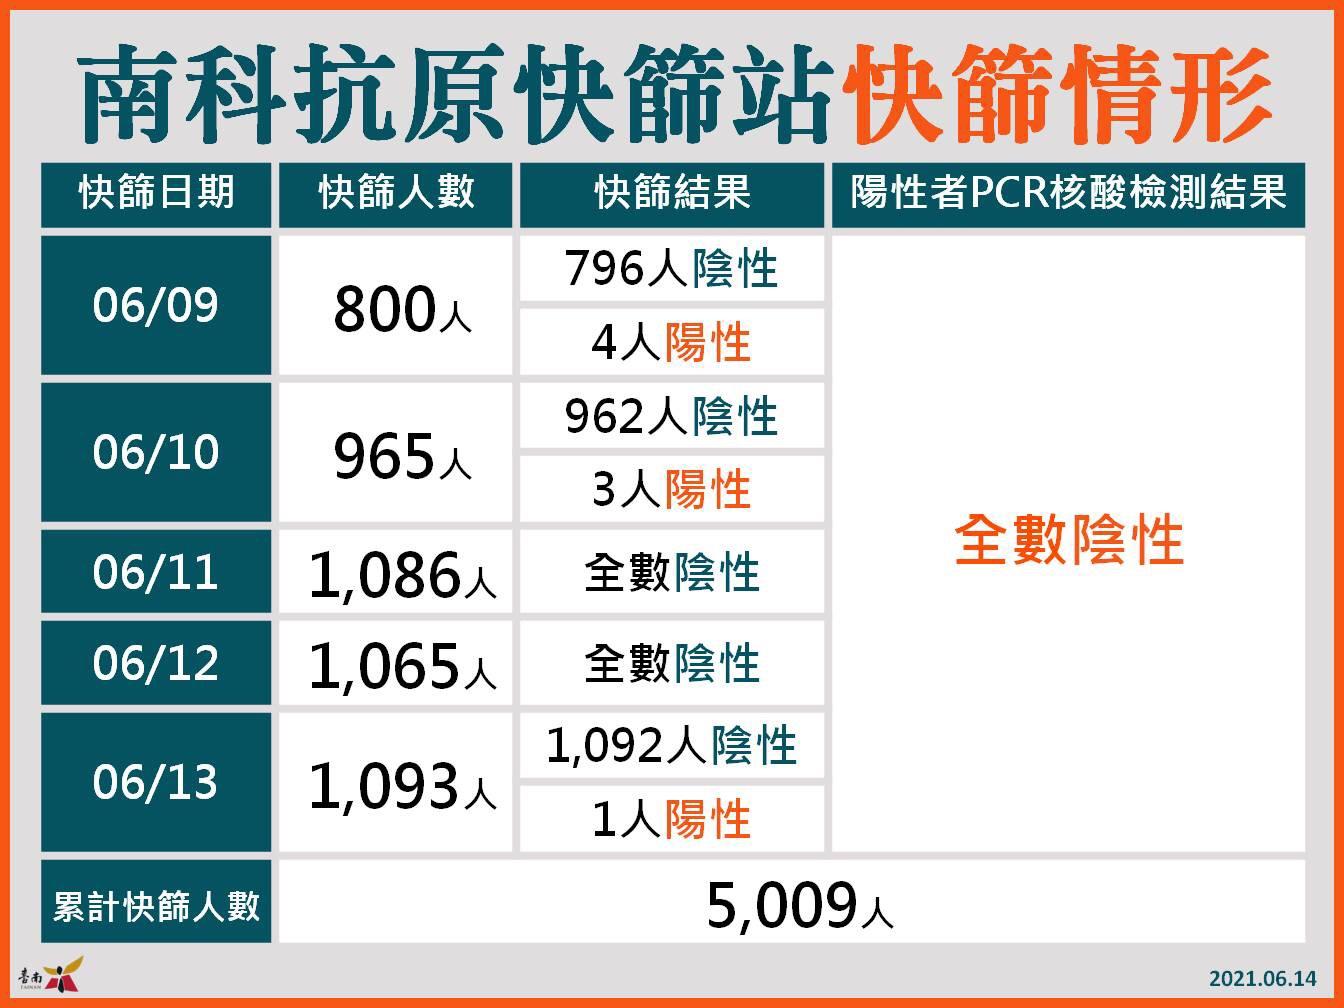 南科快篩站快篩情形   圖:台南市政府提供